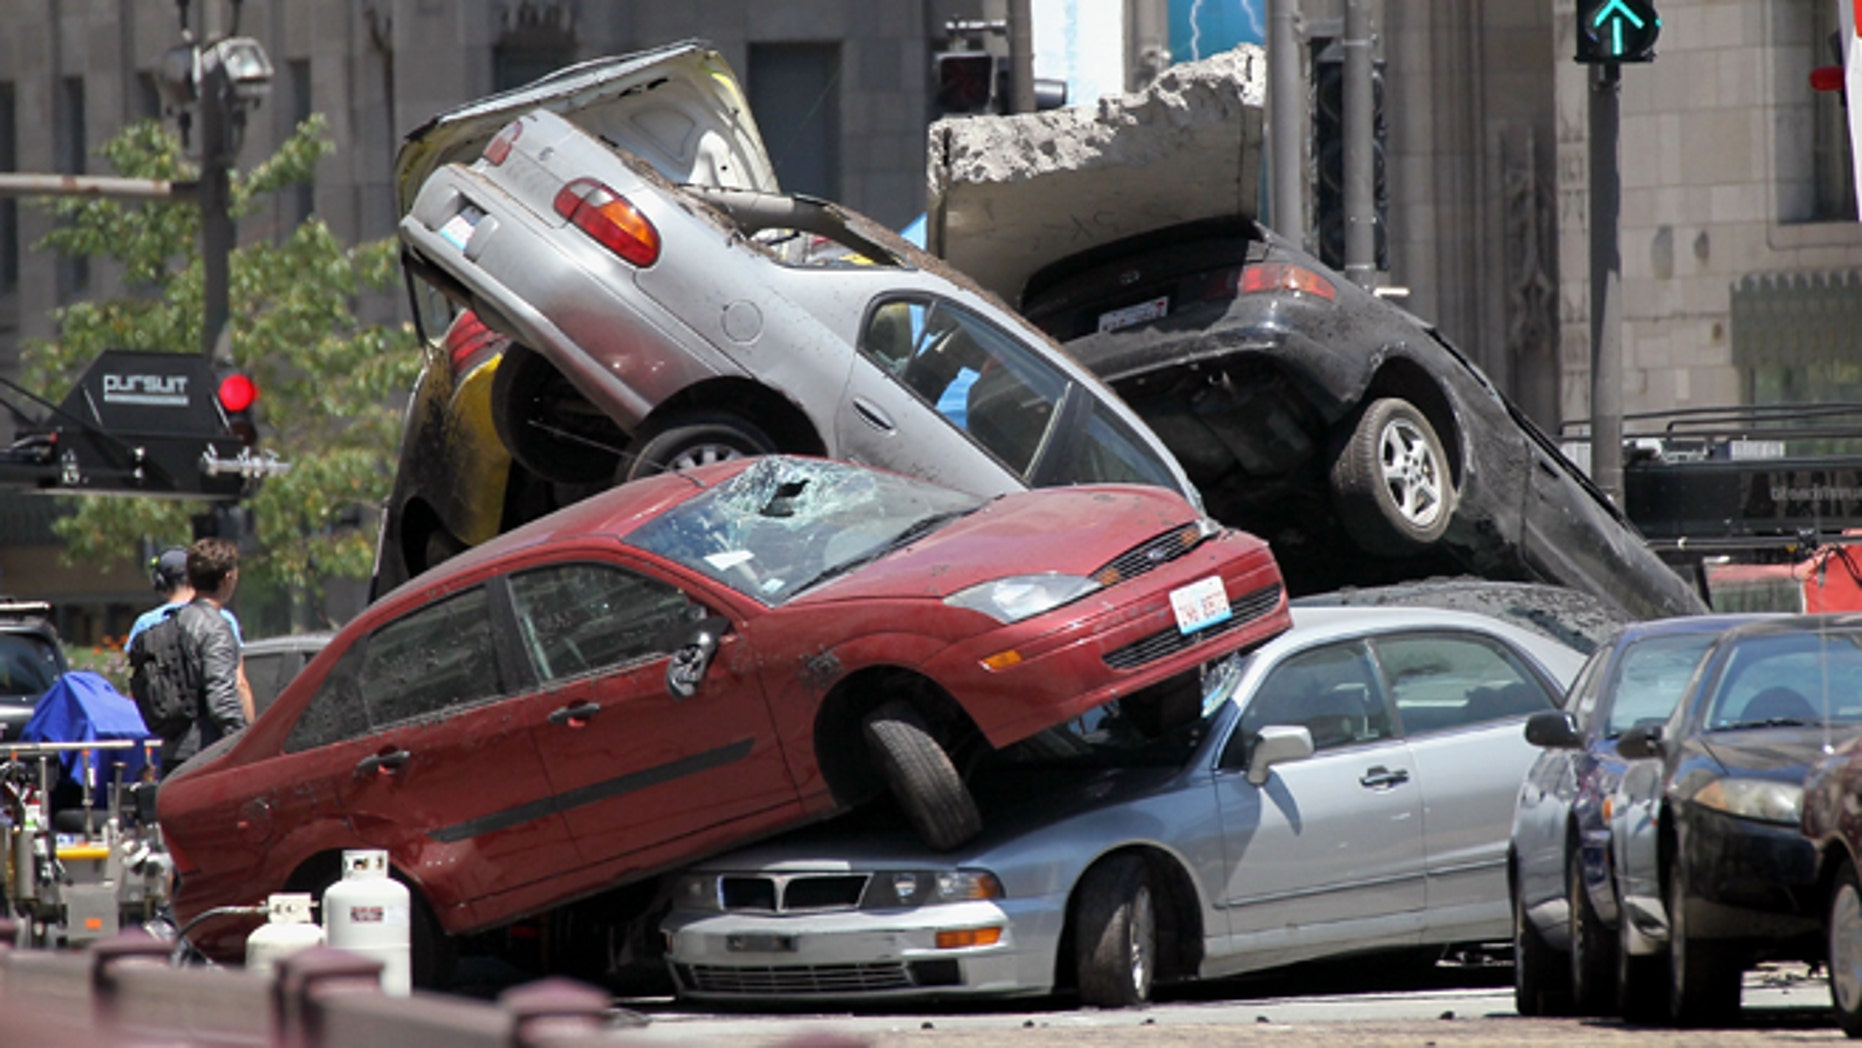 Car-Insurance-Money.jpg (1862Ã?1048)